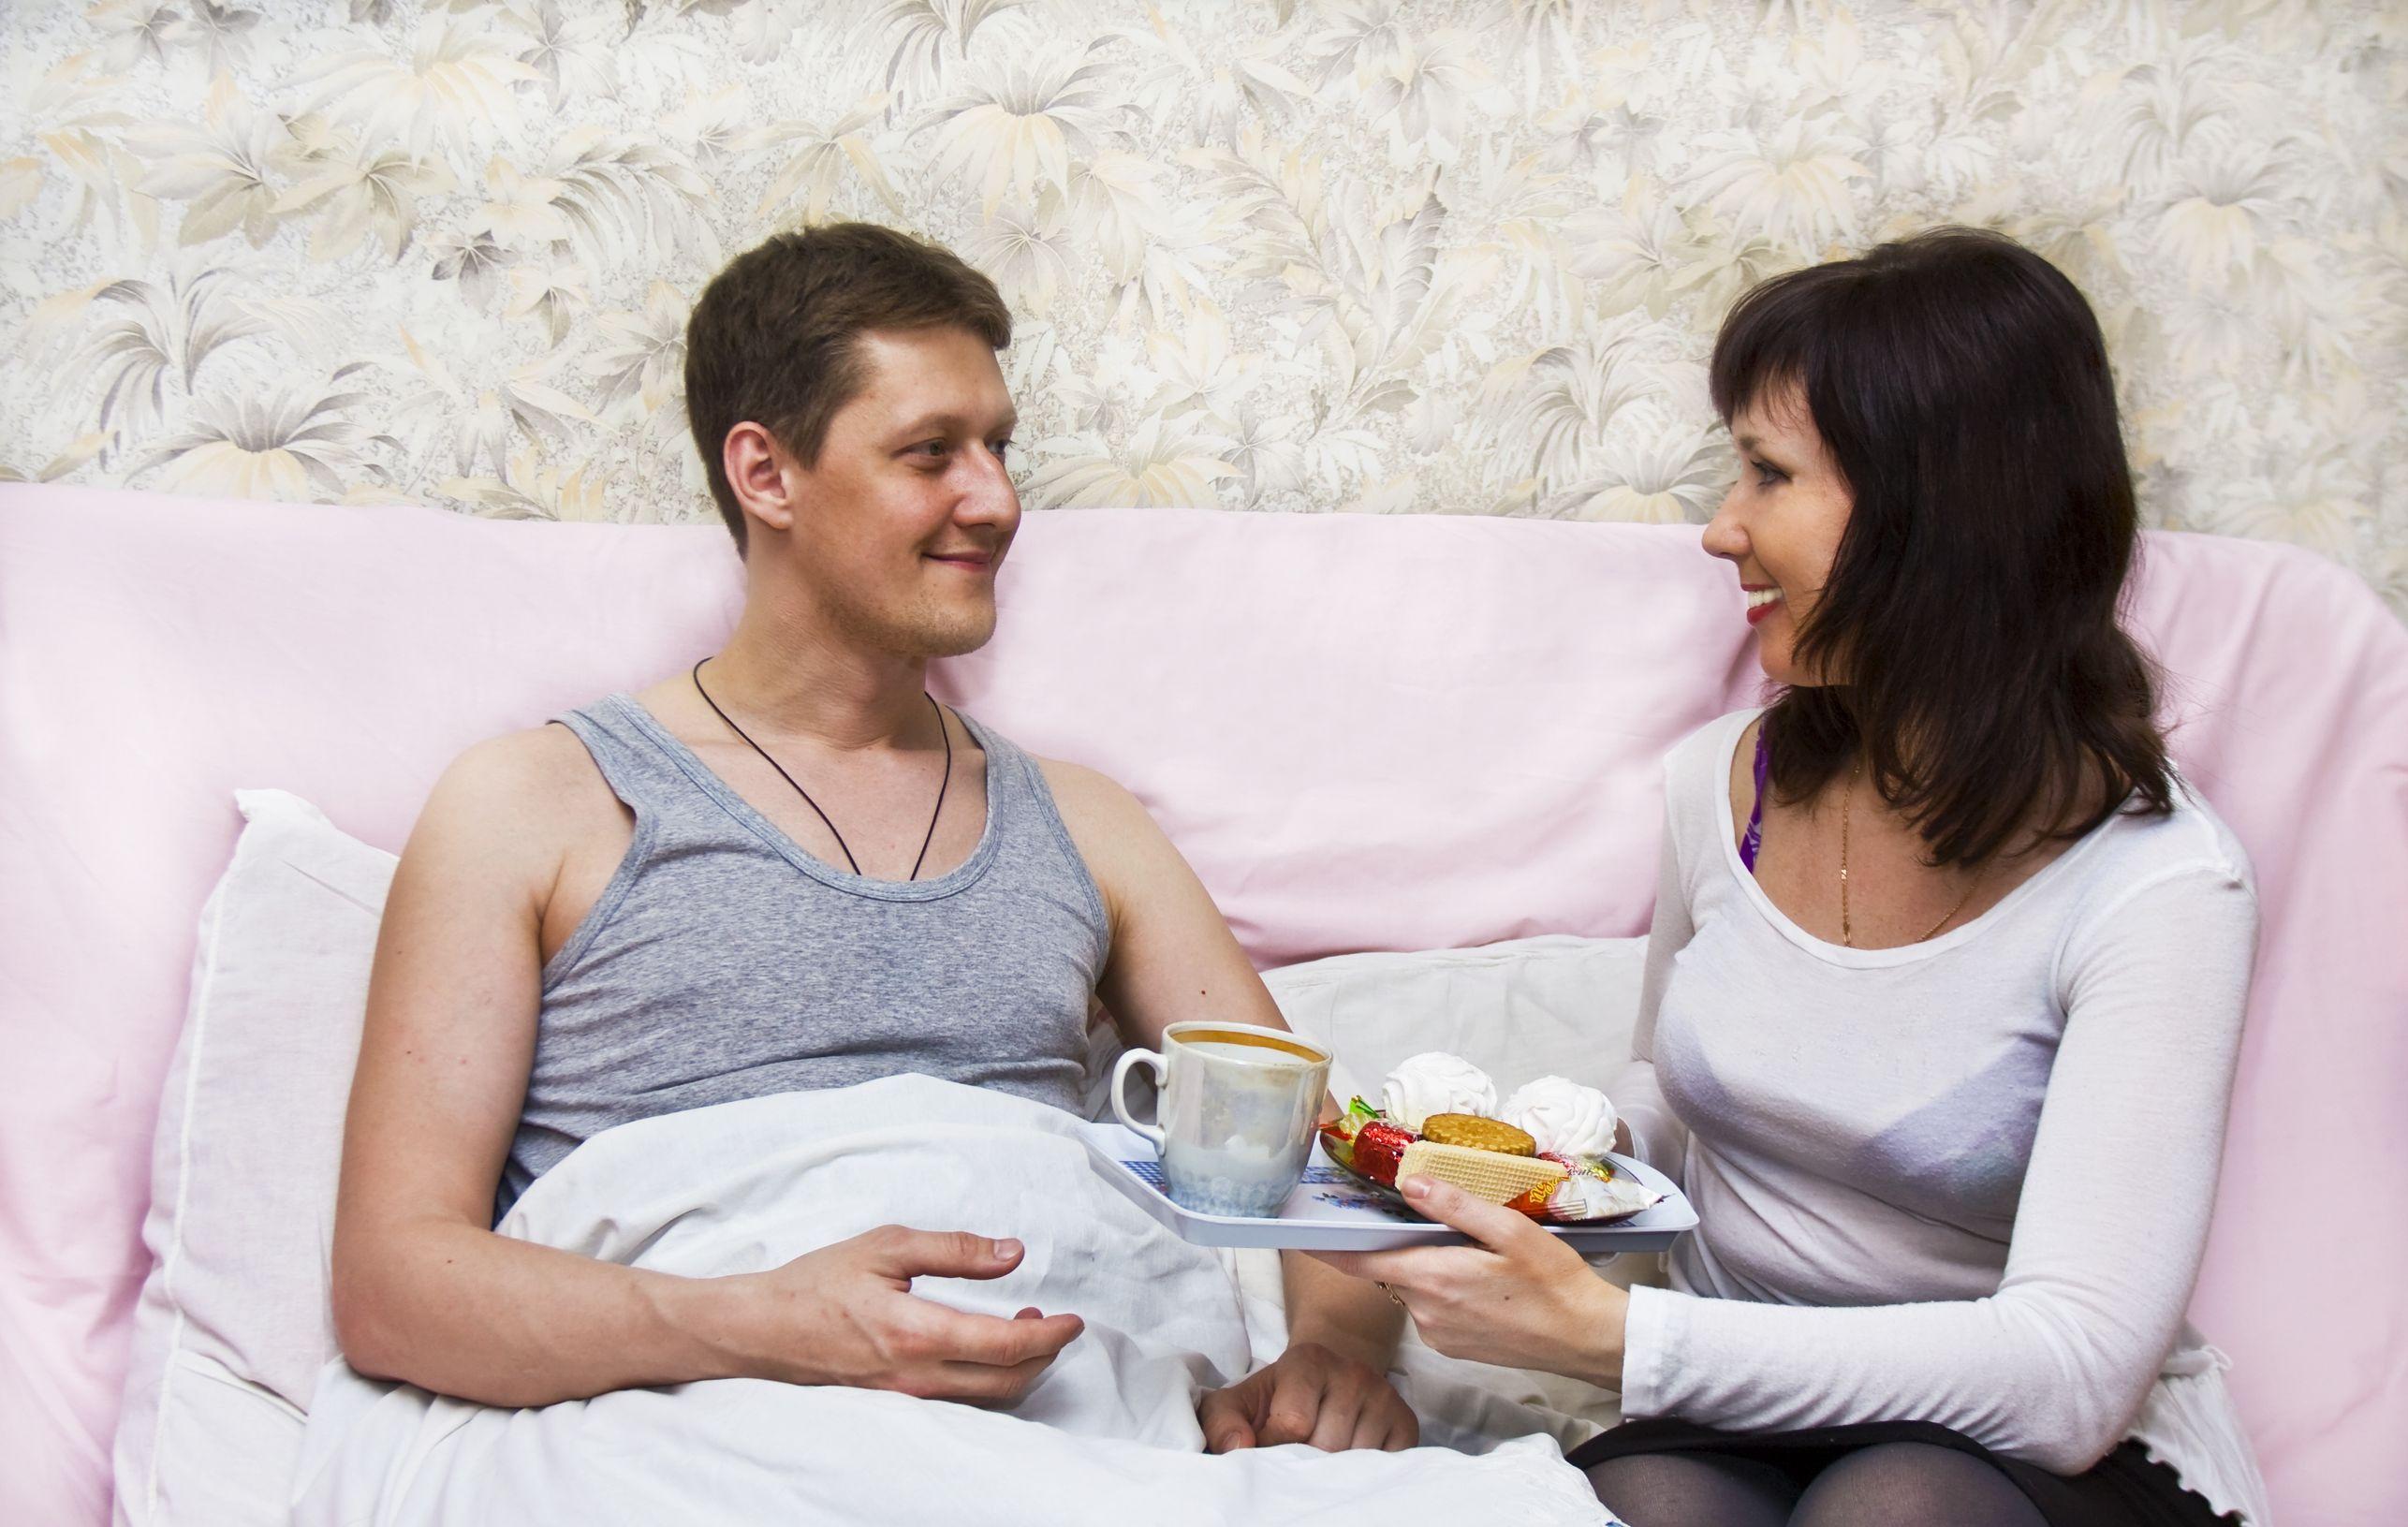 Le mogli devono portare la colazione a letto al marito - A letto con mia moglie ...